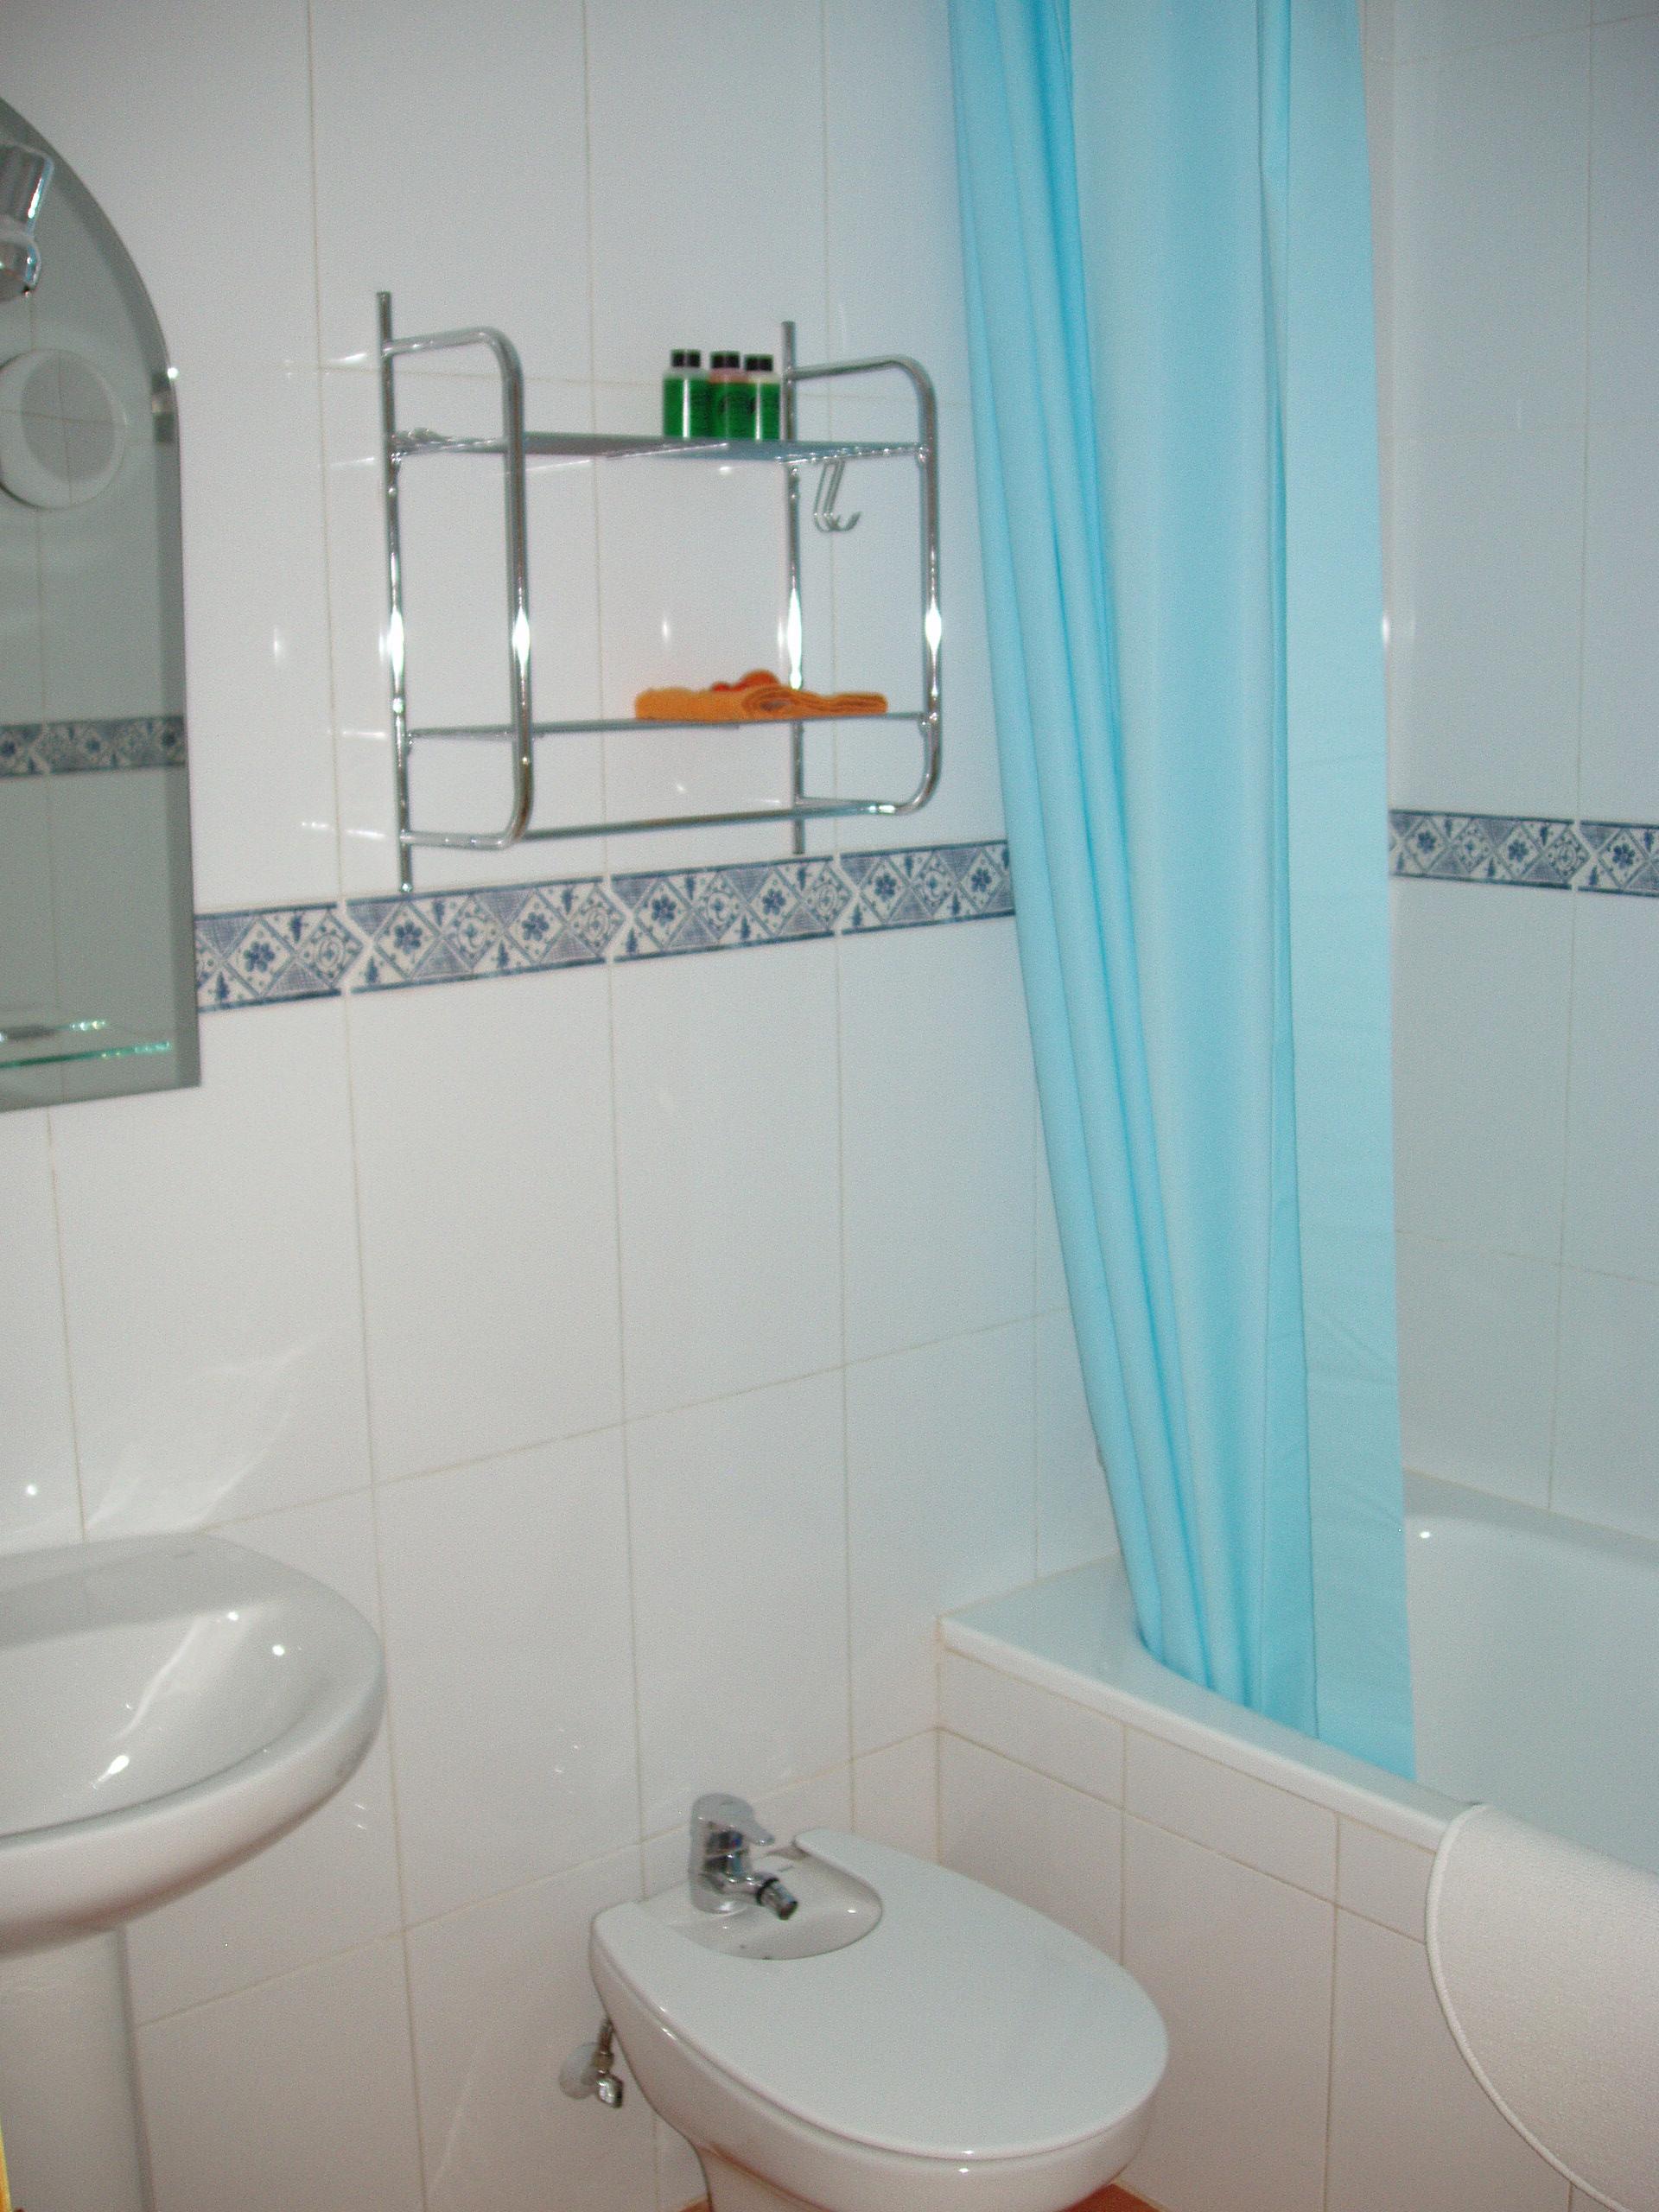 Ferienwohnung 3 Schlafzimmer Wohnung zu vermieten in Mojcar, Spanien (2388895), Mojacar, Costa de Almeria, Andalusien, Spanien, Bild 22